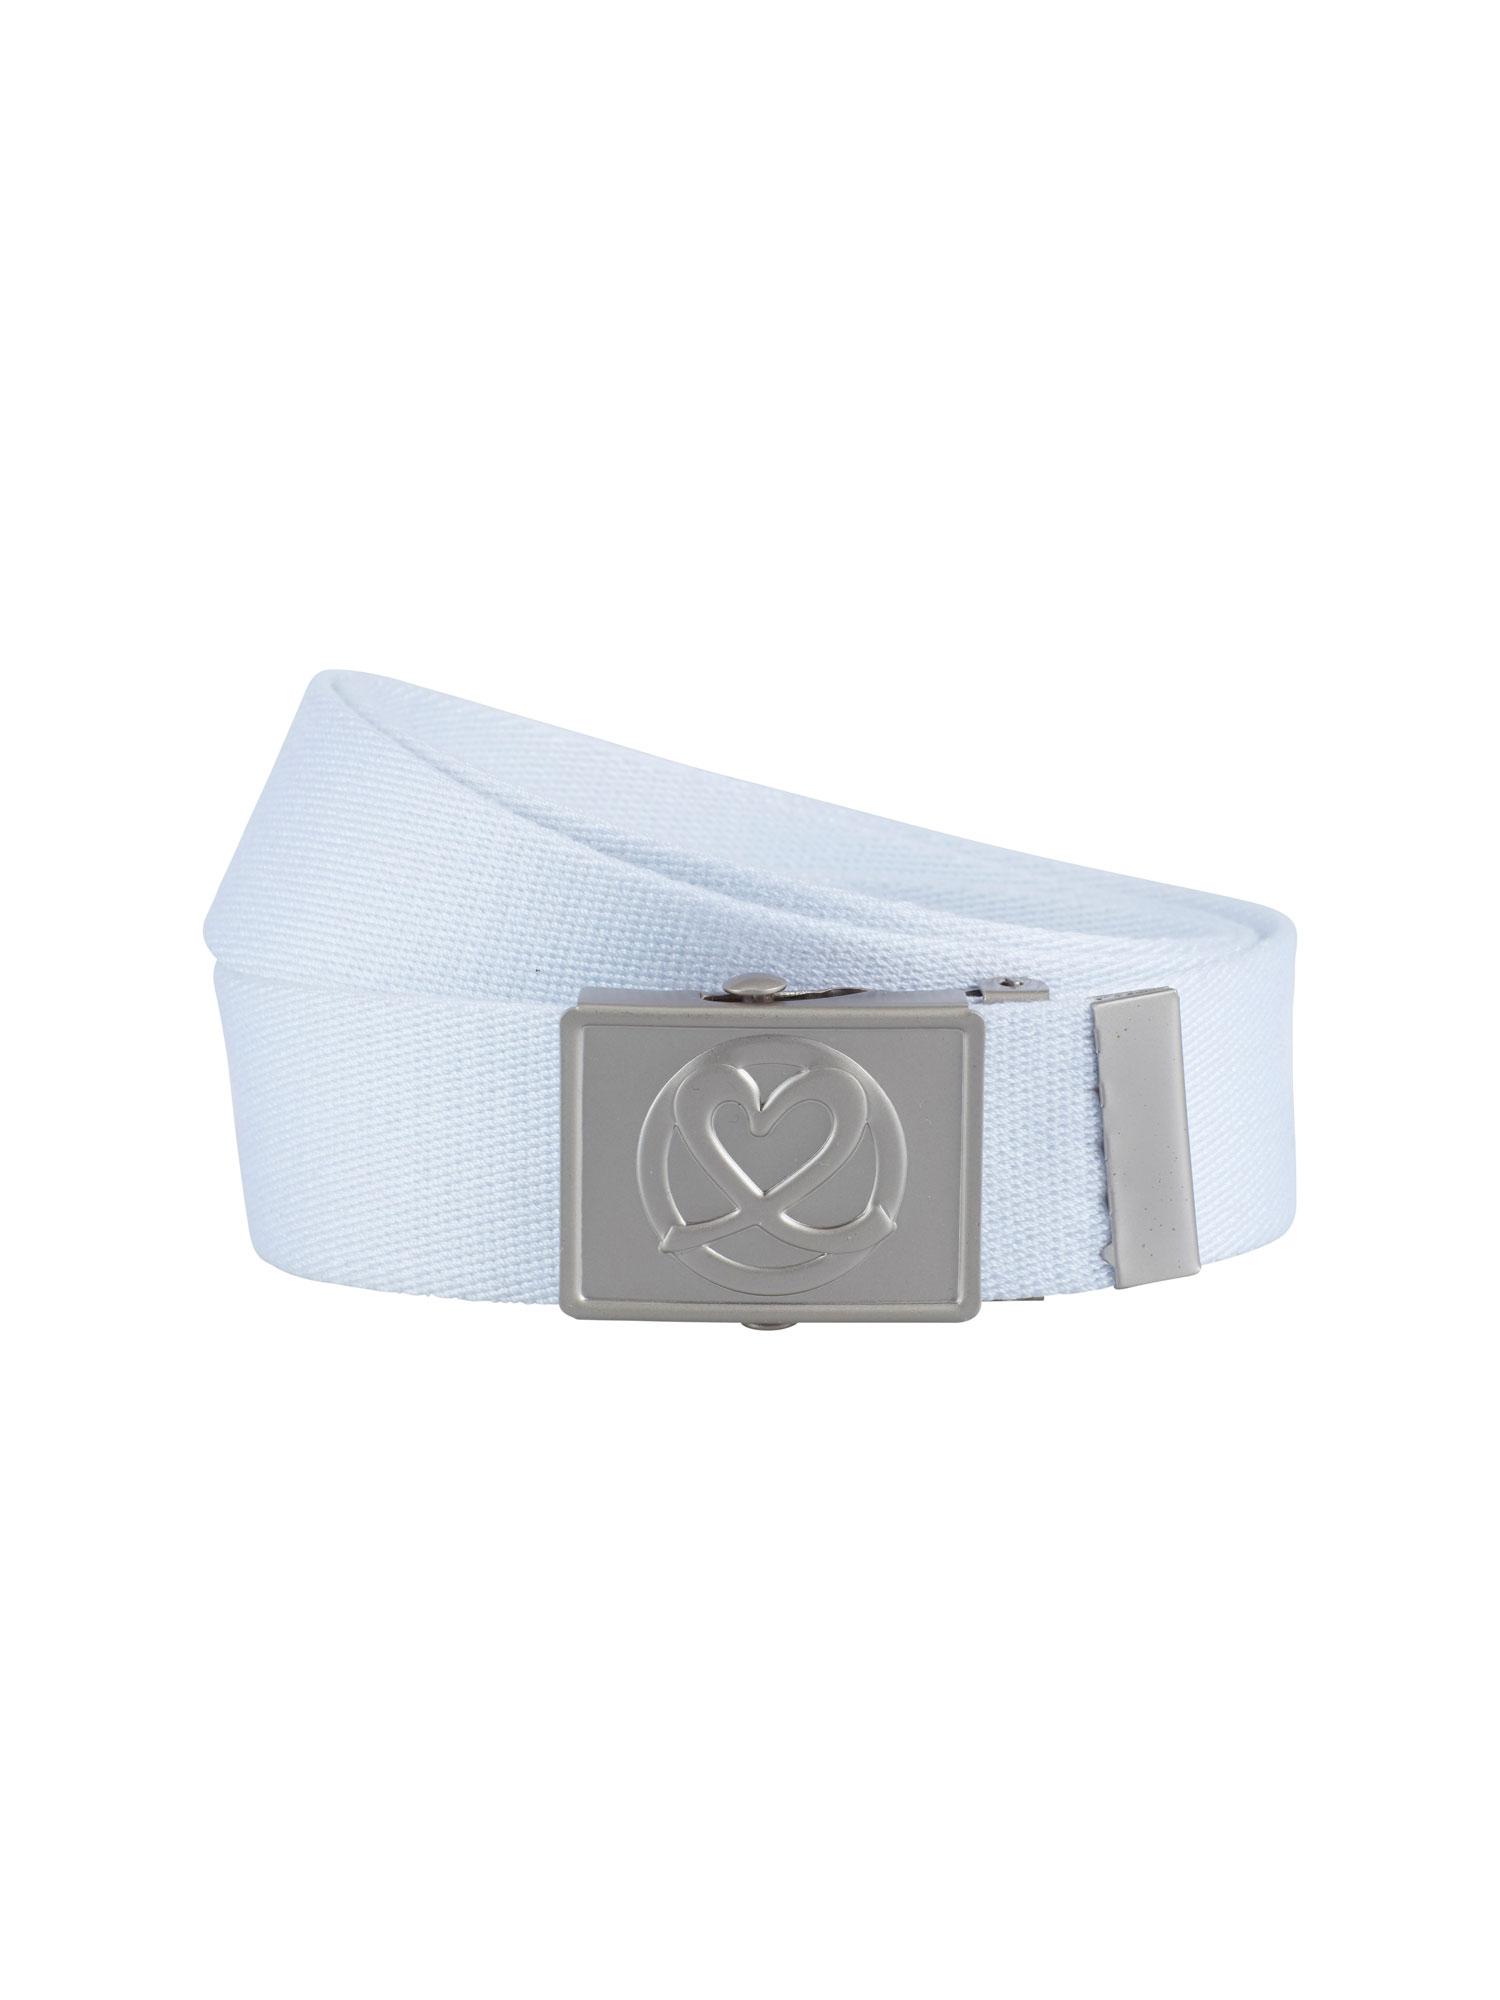 Sienna belt